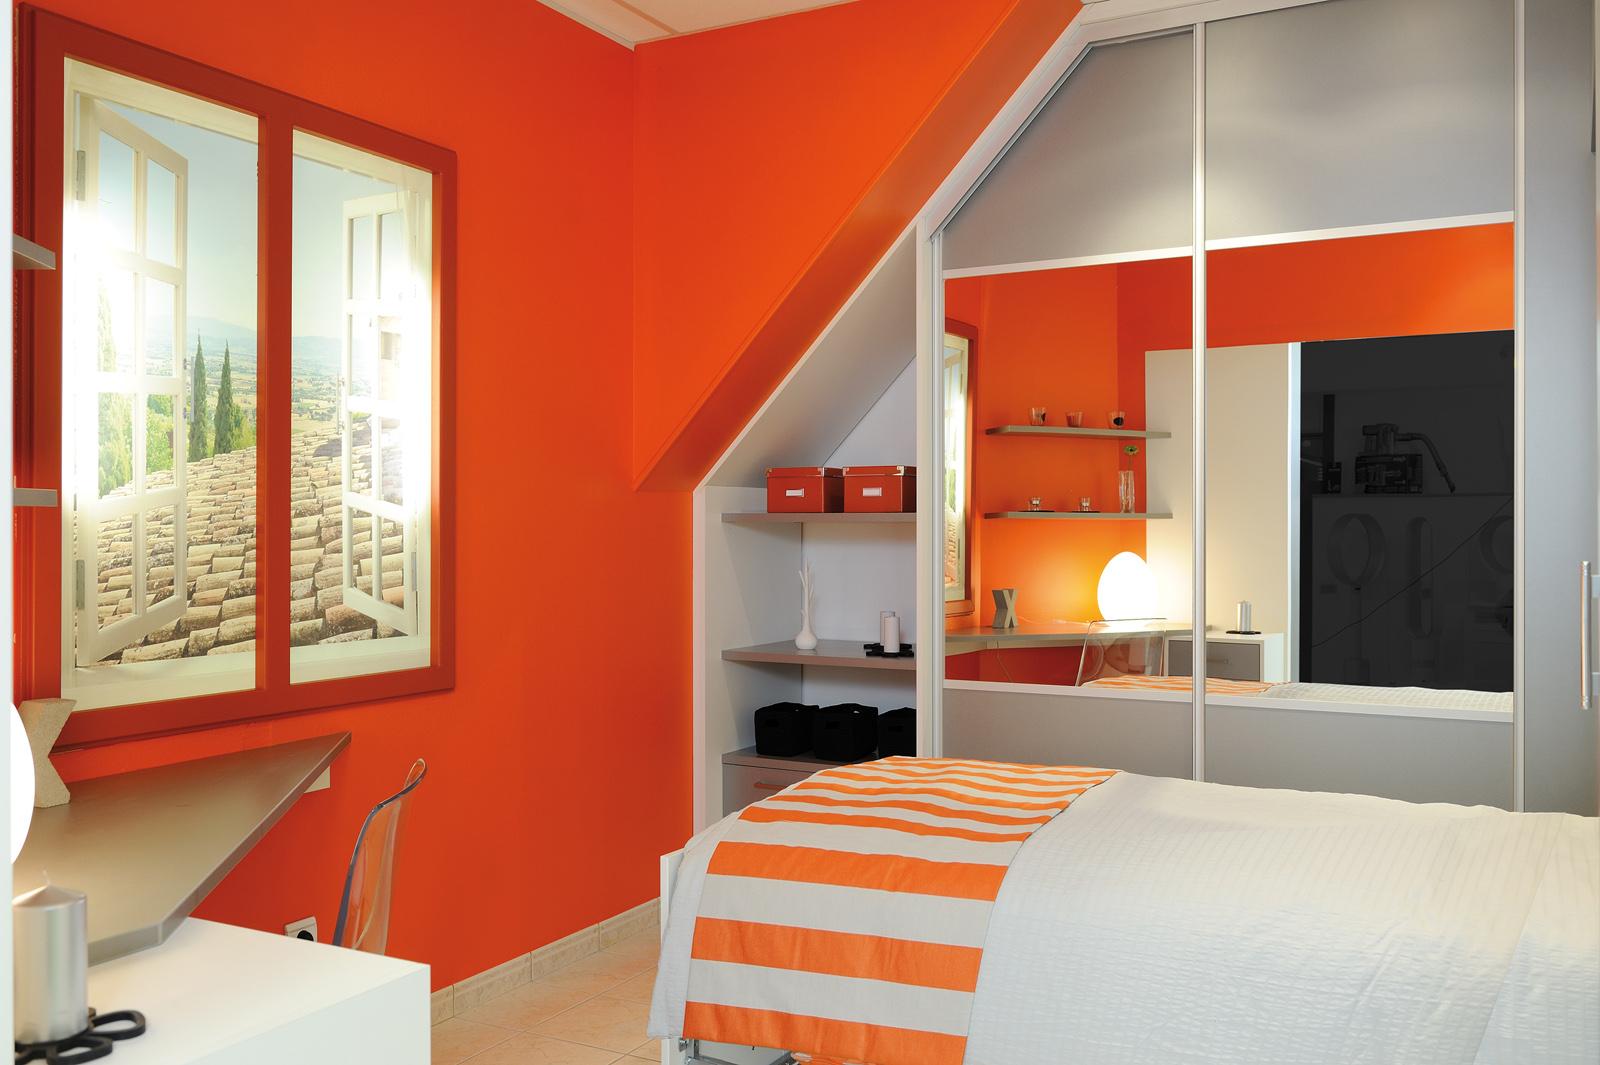 Plan Cuisine Sous Pente modele sous-pente 1 - cuisines couloir